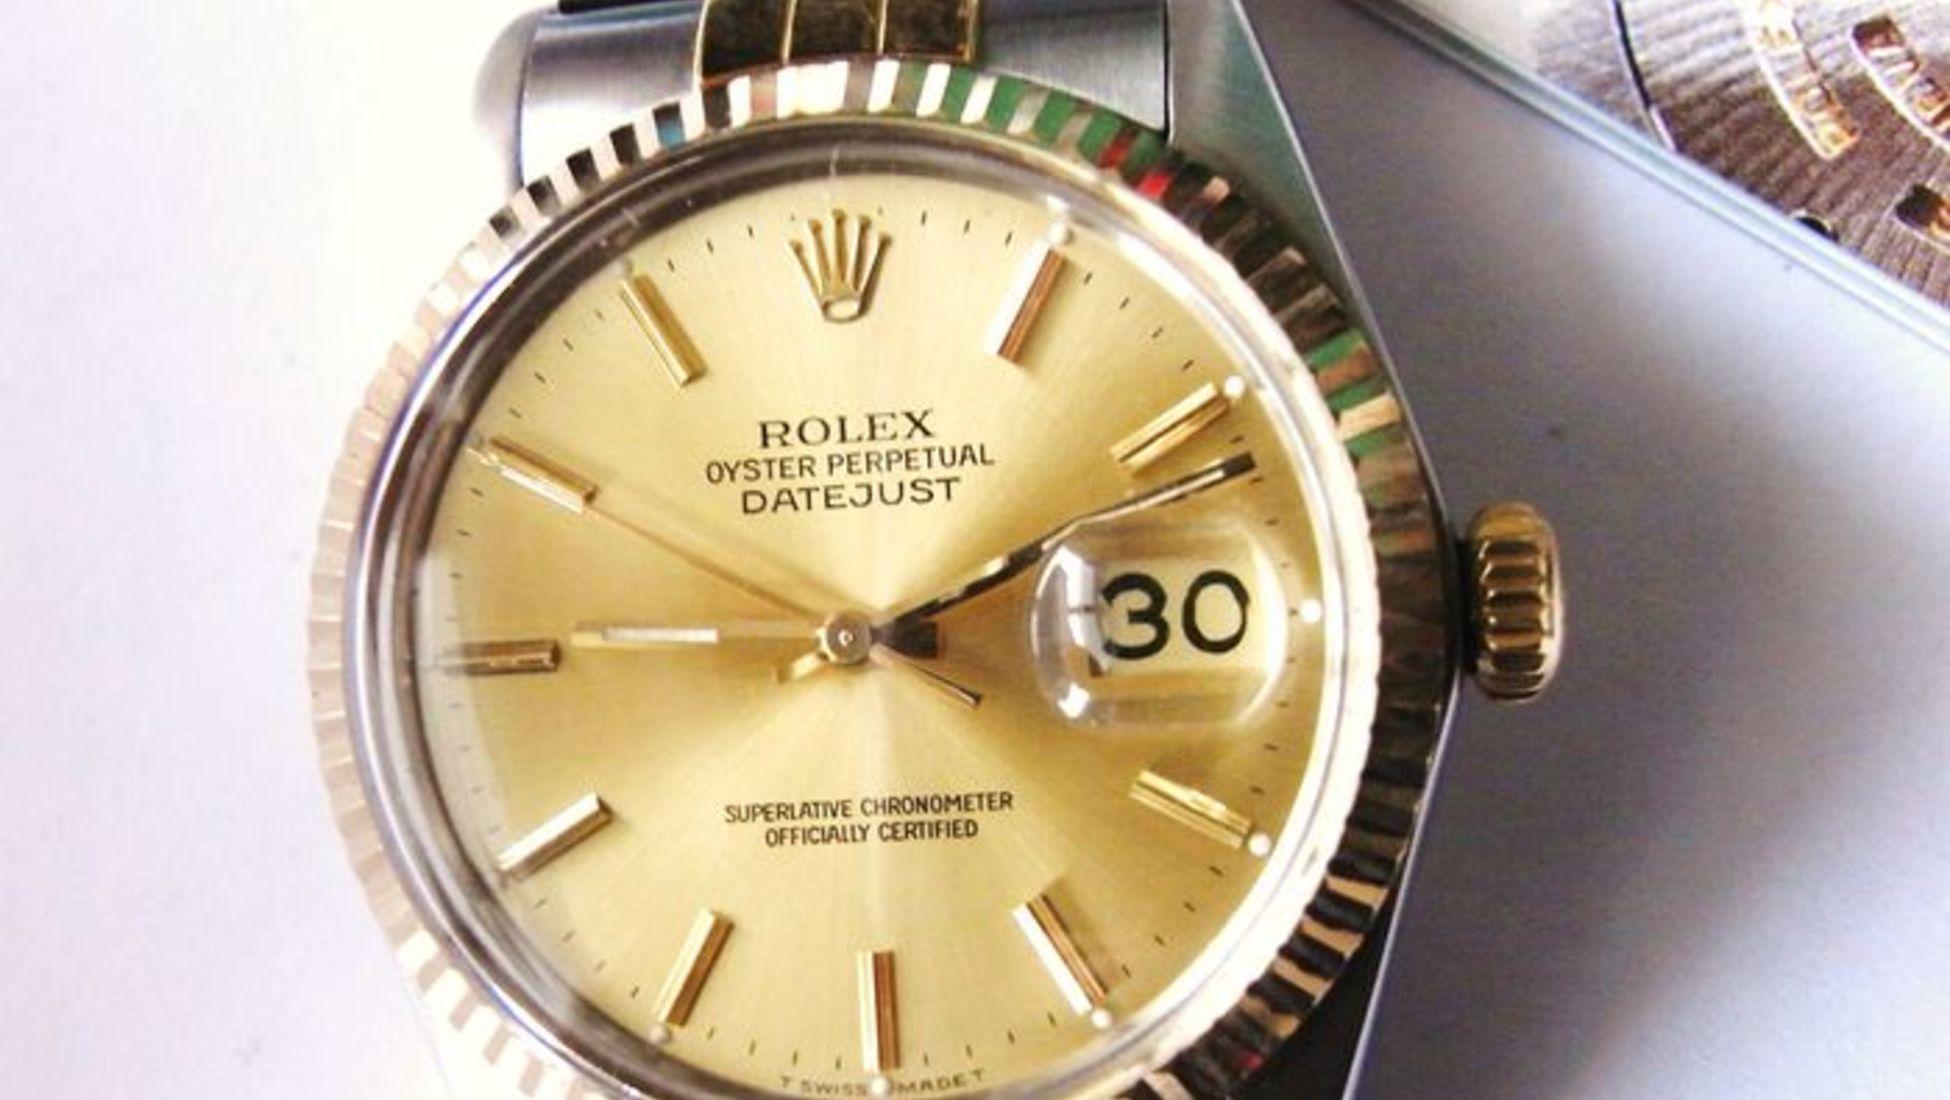 49318575390 Tal como acontece com muitos produtos de luxo muito procurados